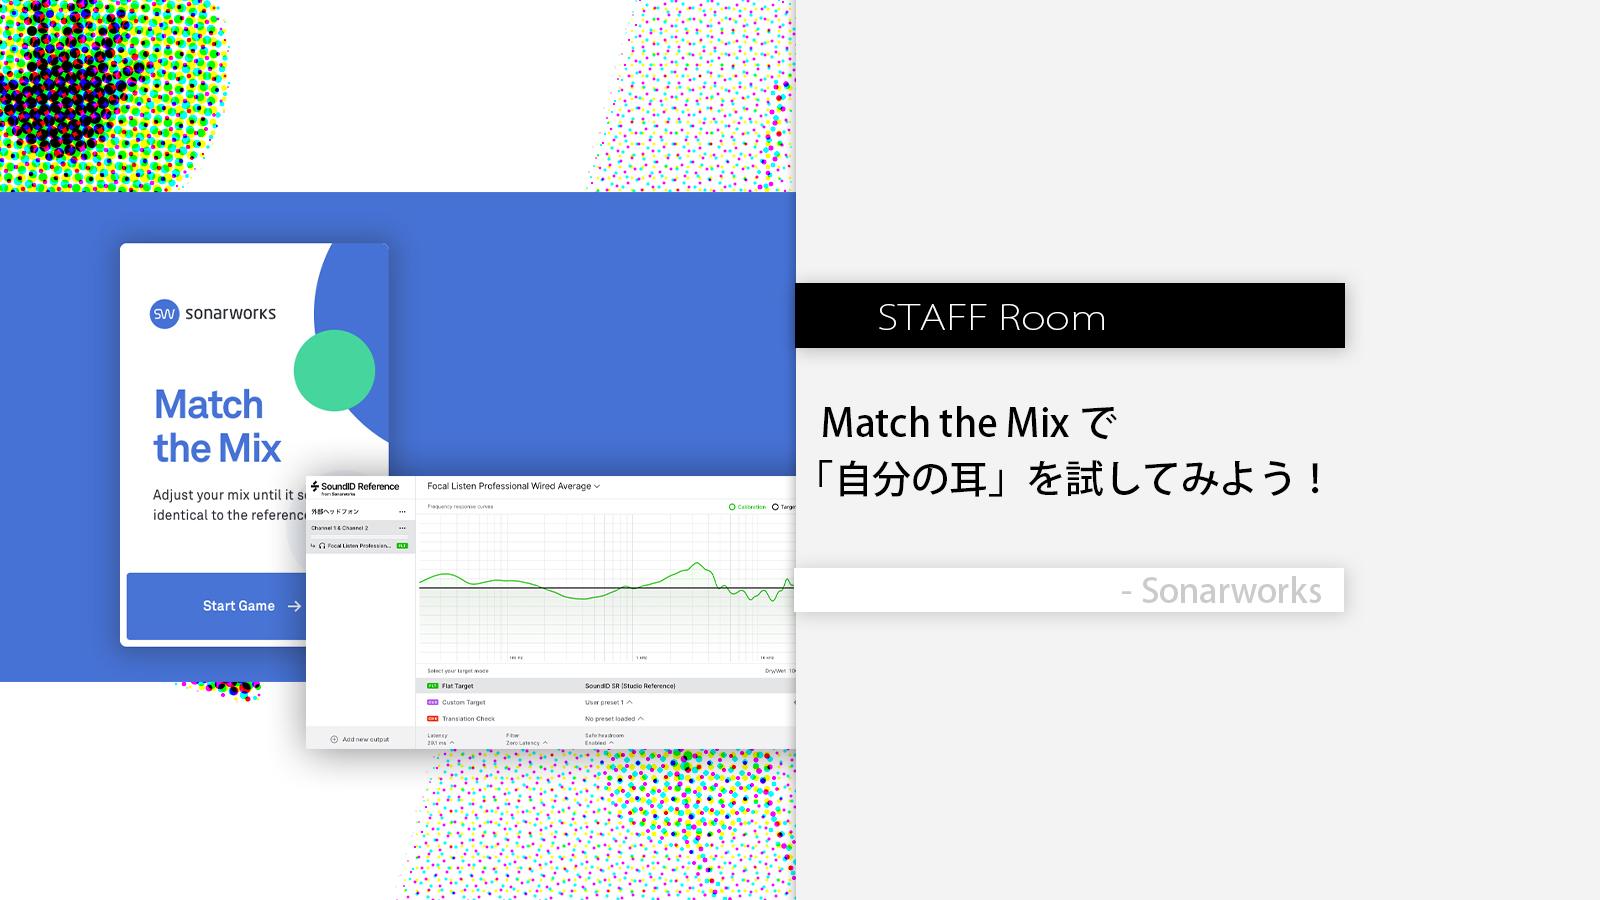 スタッフルーム – Sonarworks Match the Mix で「自分の耳」を試してみよう!